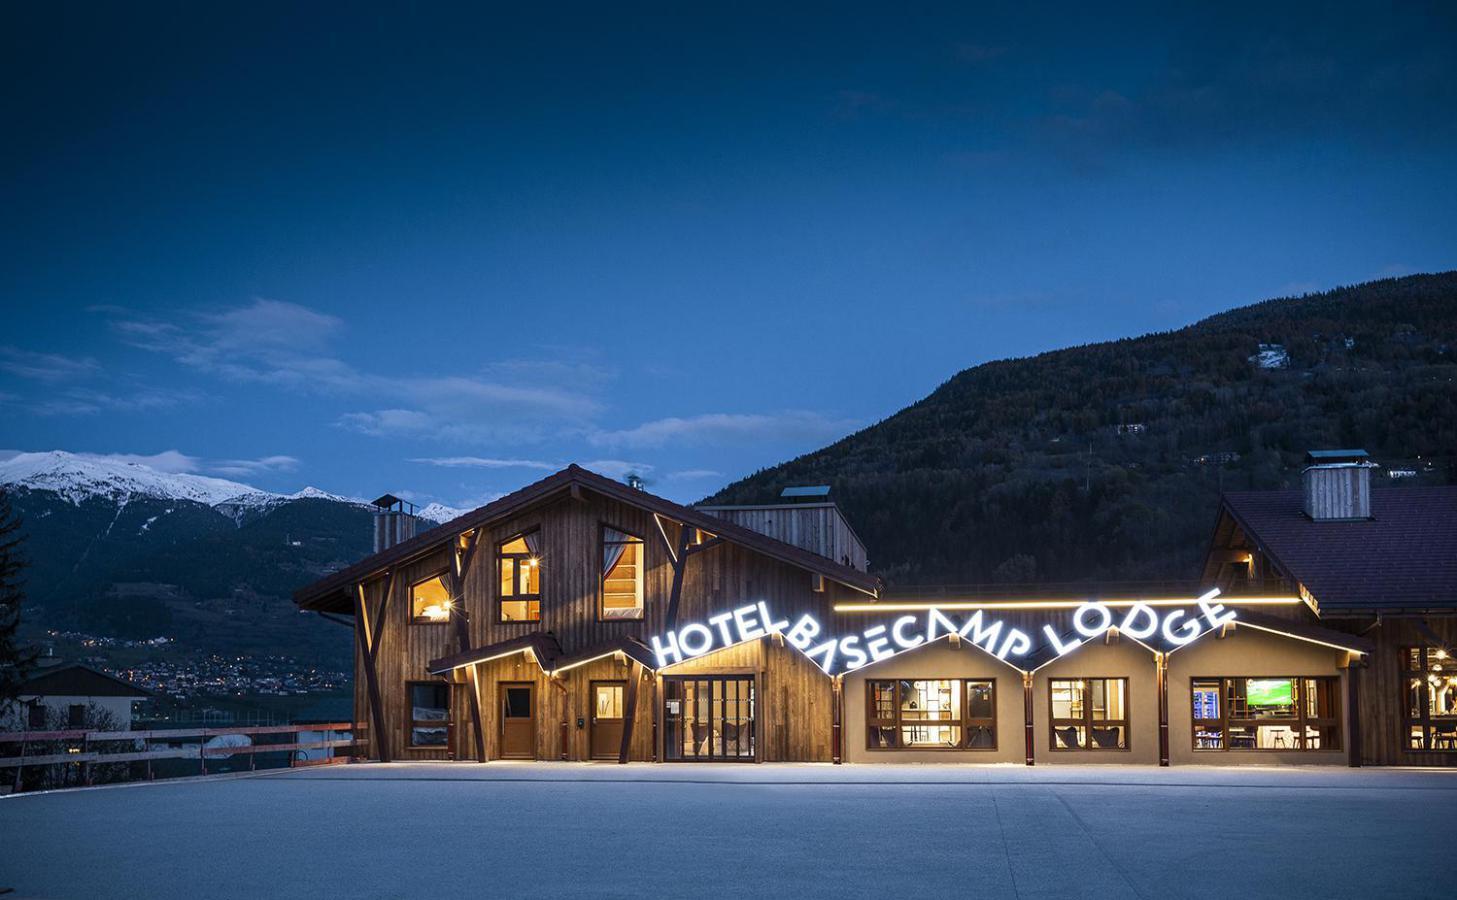 3 idées d'hôtels atypiques pour skier dans les Alpes